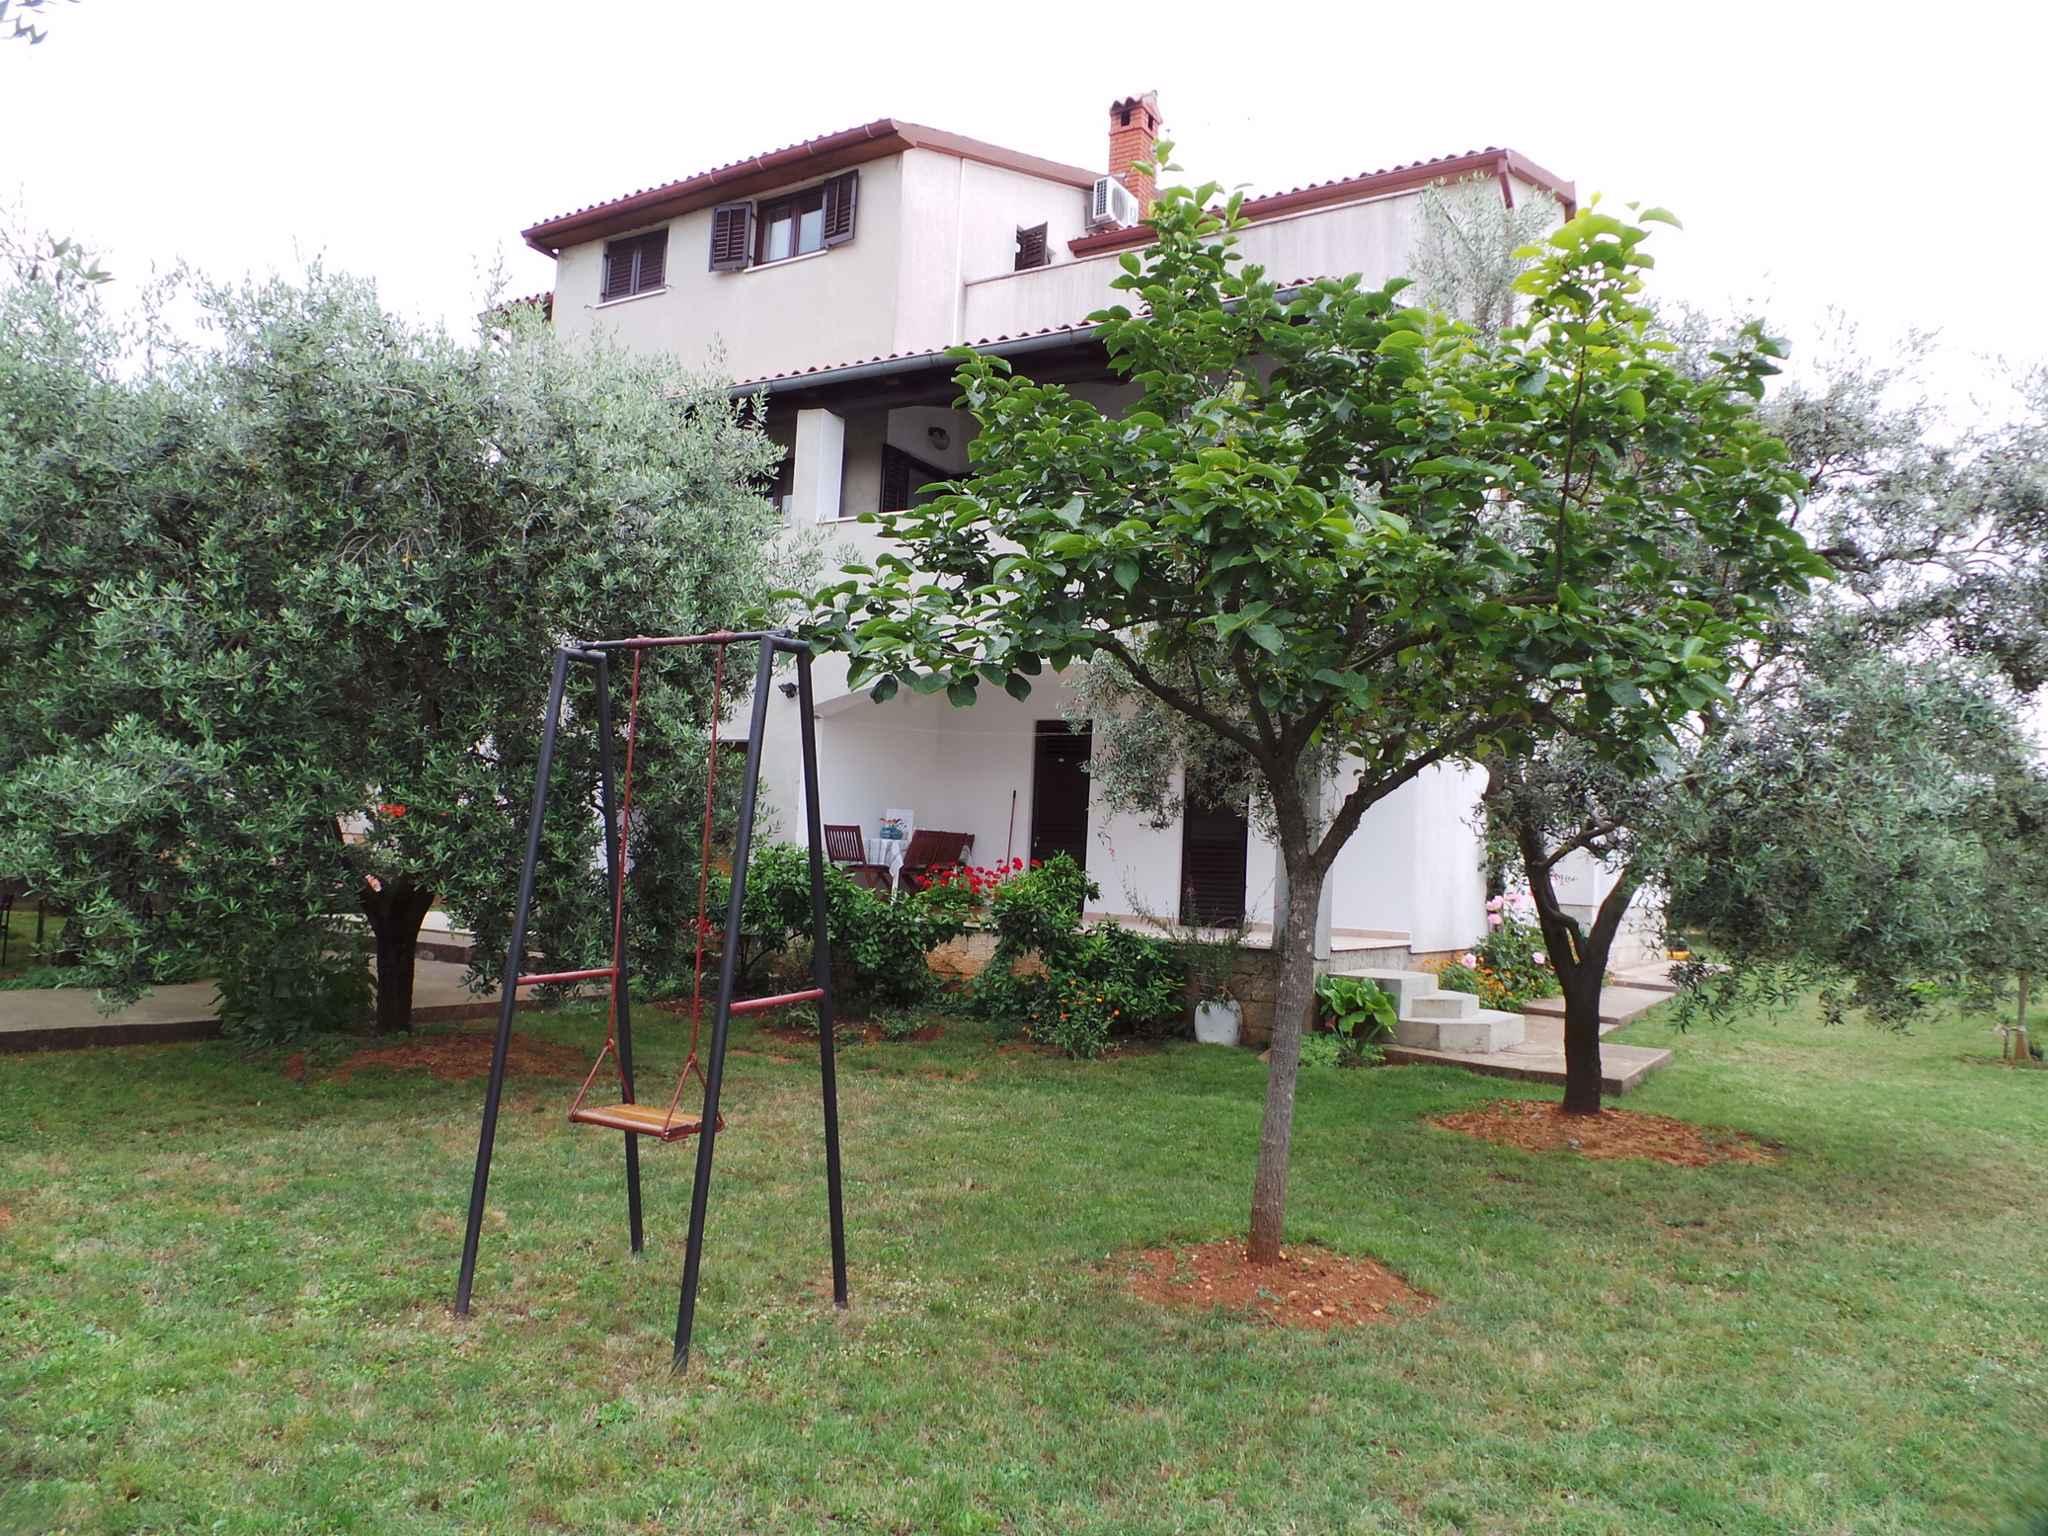 Ferienwohnung mit direktem Zugang zum Garten (279754), Fažana, , Istrien, Kroatien, Bild 1